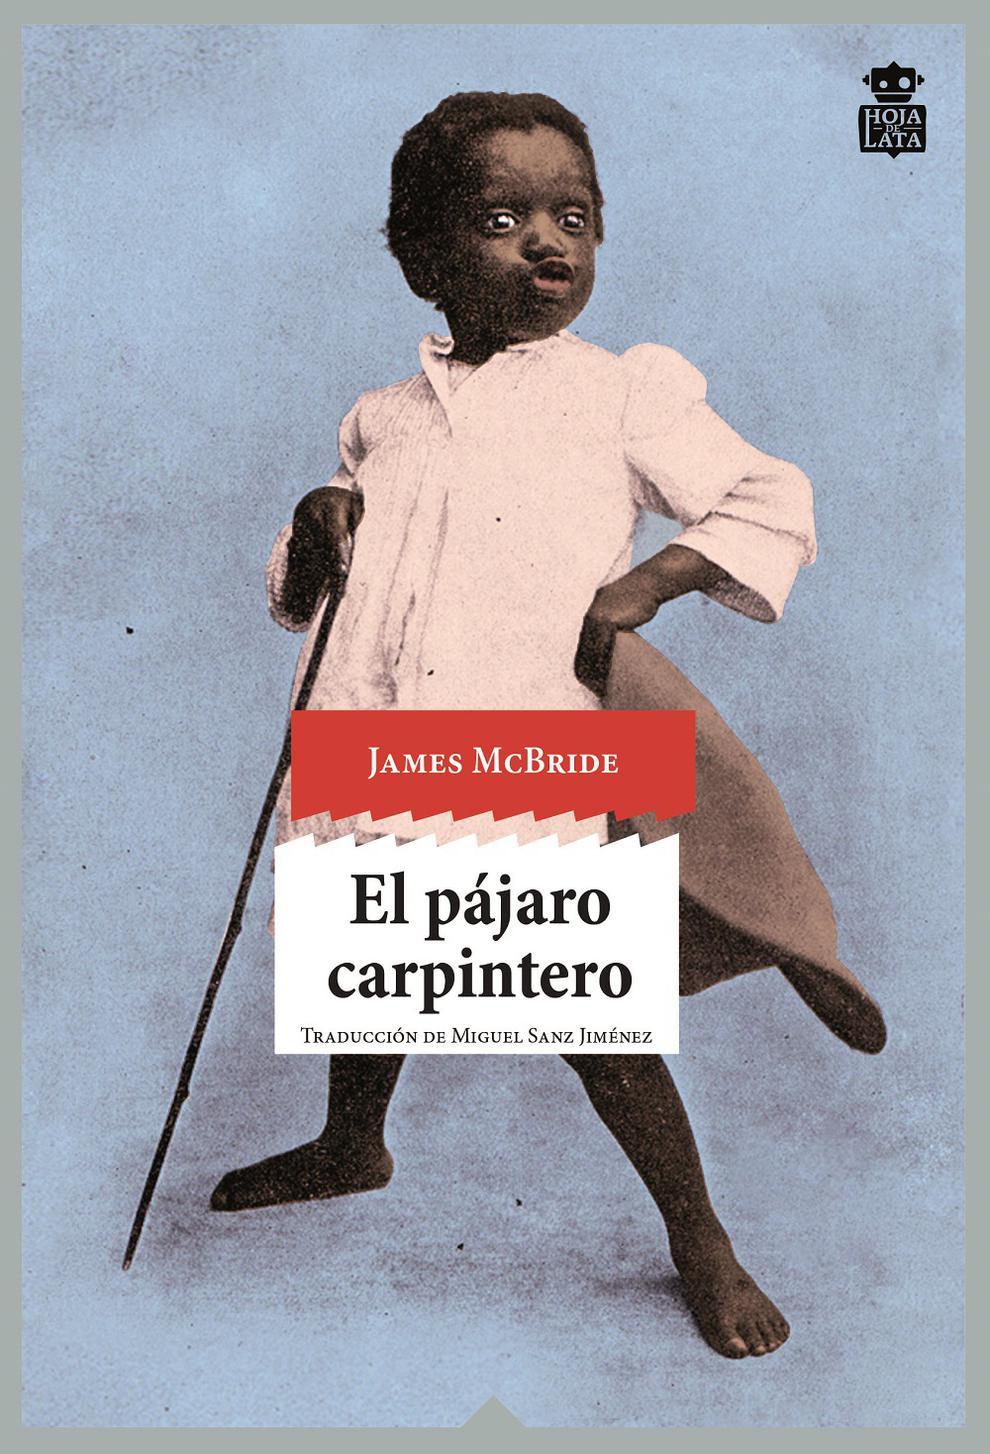 https://laantiguabiblos.blogspot.com.es/2017/09/el-pajaro-carpintero-james-mcbride.html